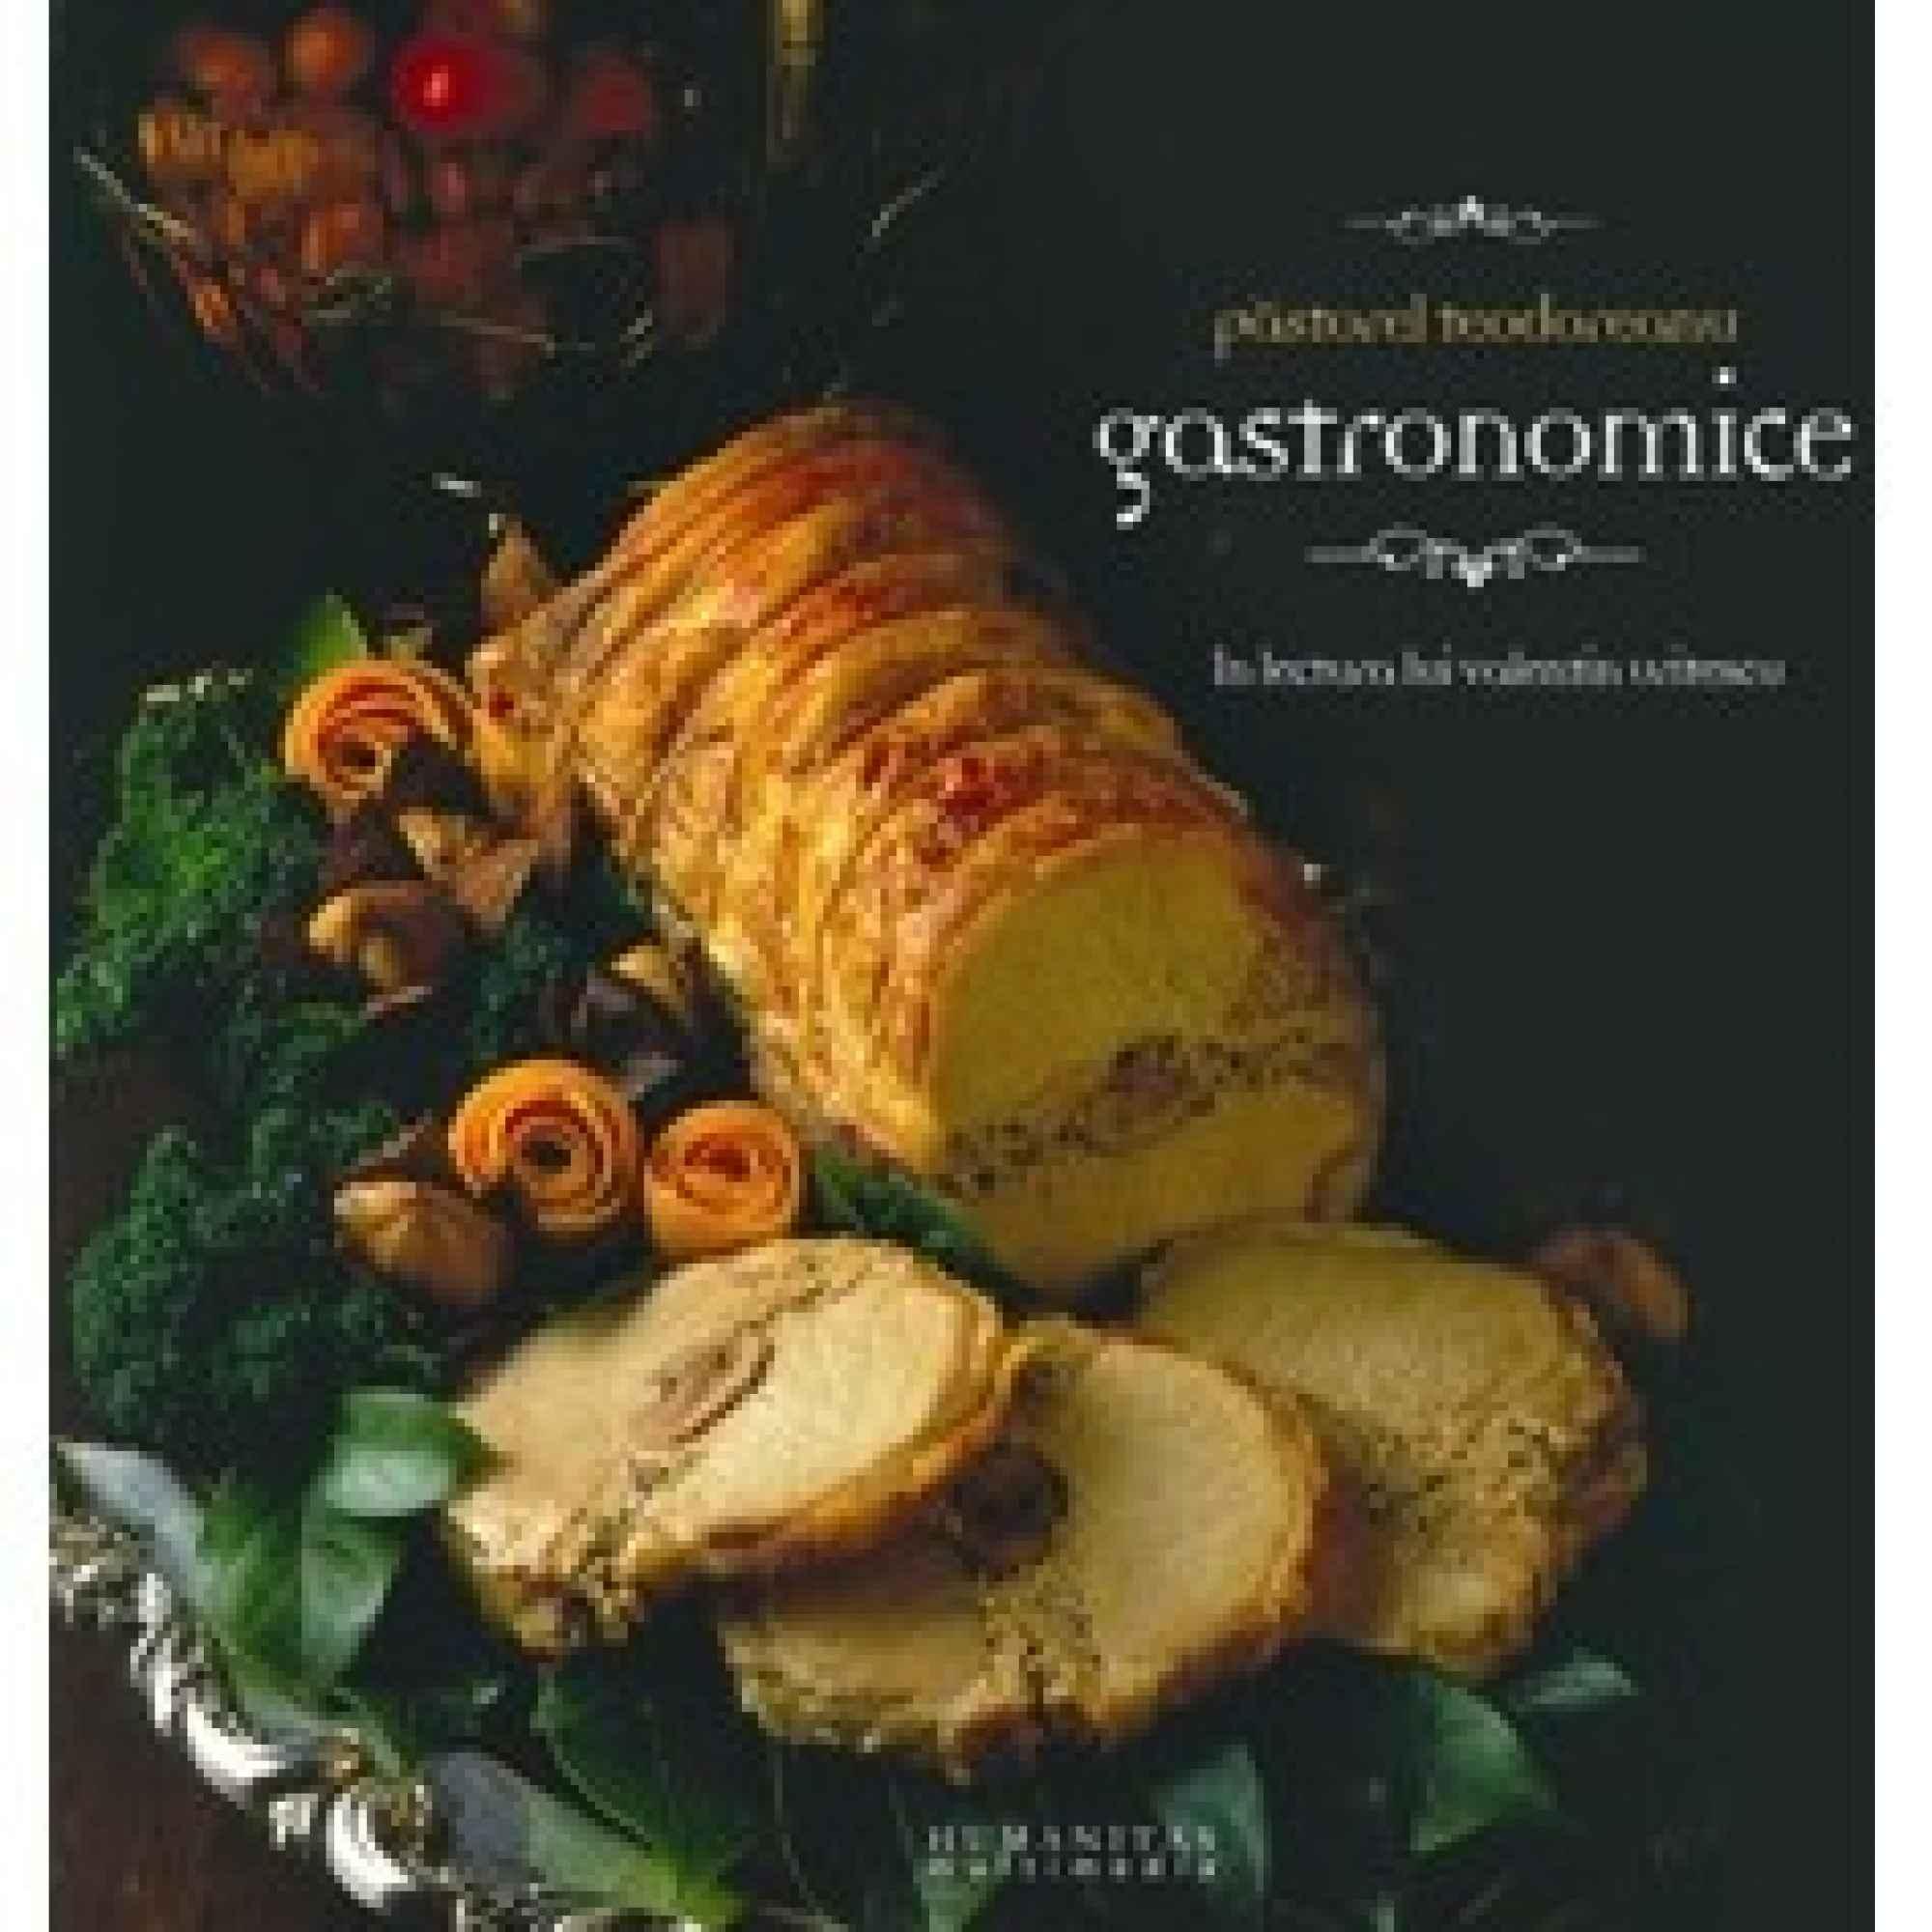 Gastronomice volumul 1